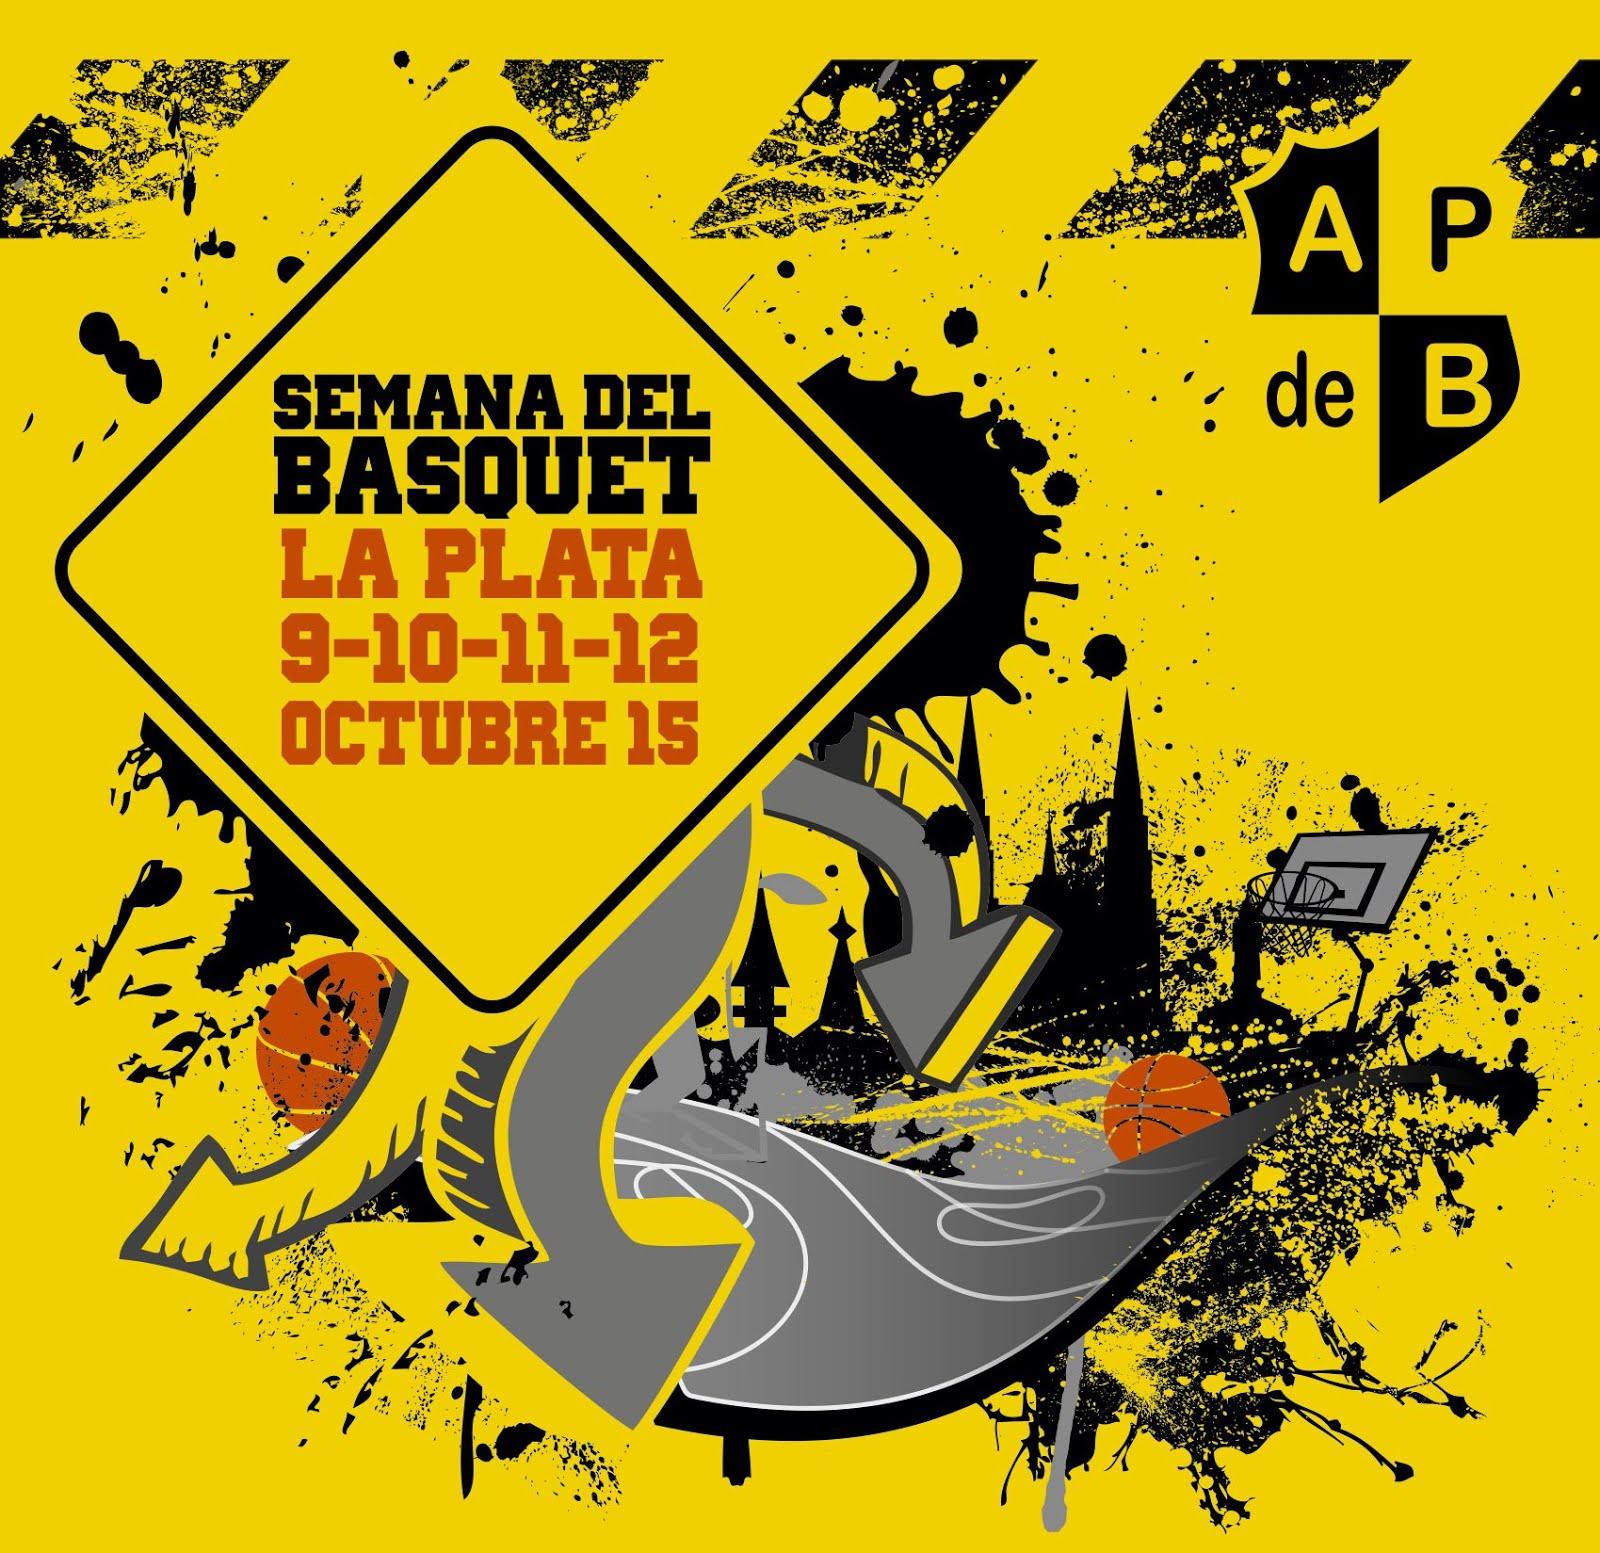 Semana del Básquet en La Plata